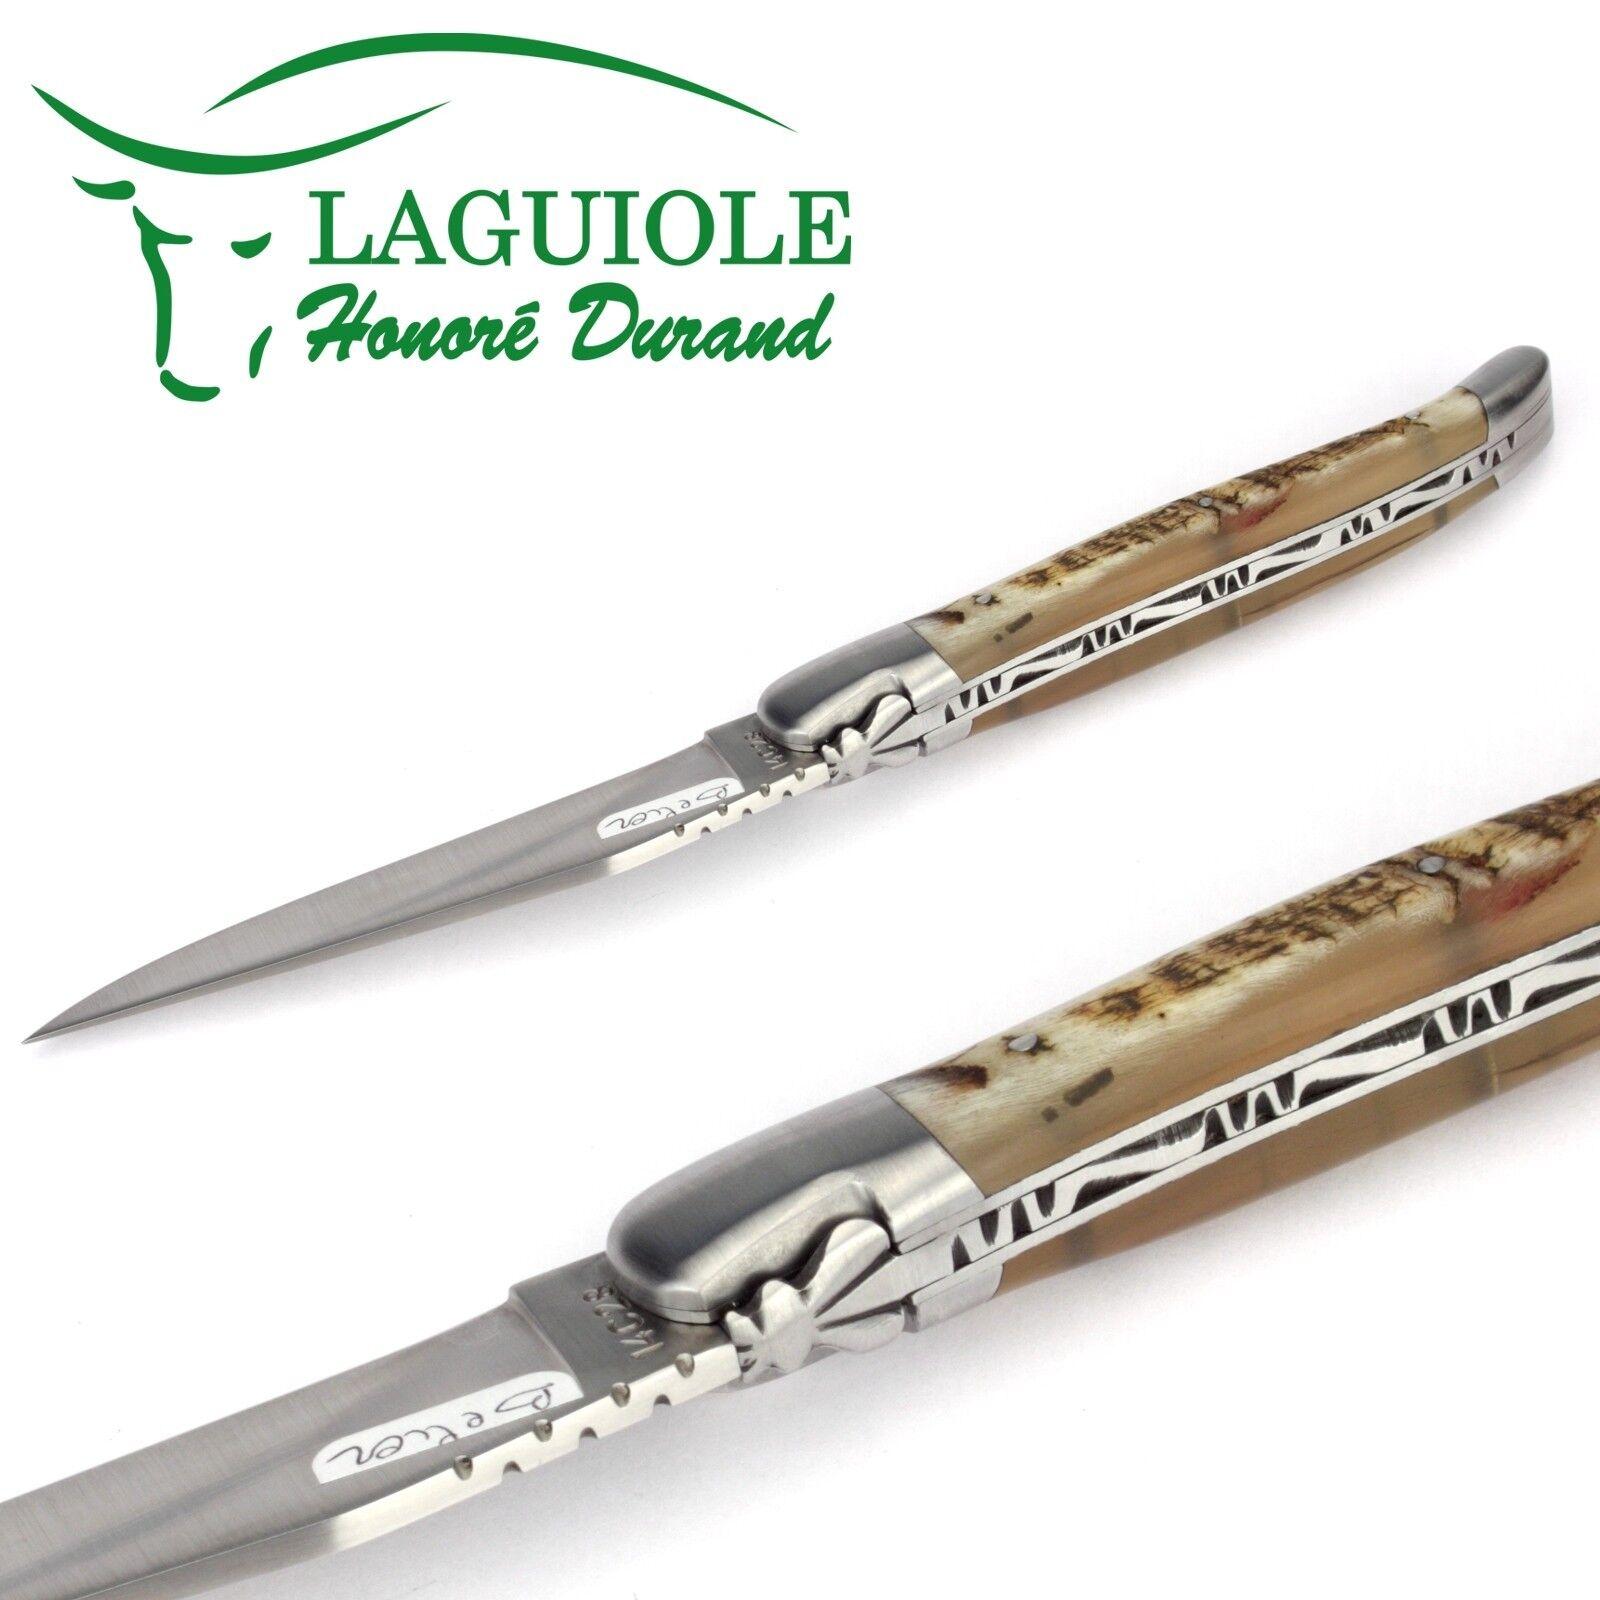 Original Original Original Laguiole Honoré Durand Taschenmesser Widderhorn 12 cm Messer Stahl matt aabe38